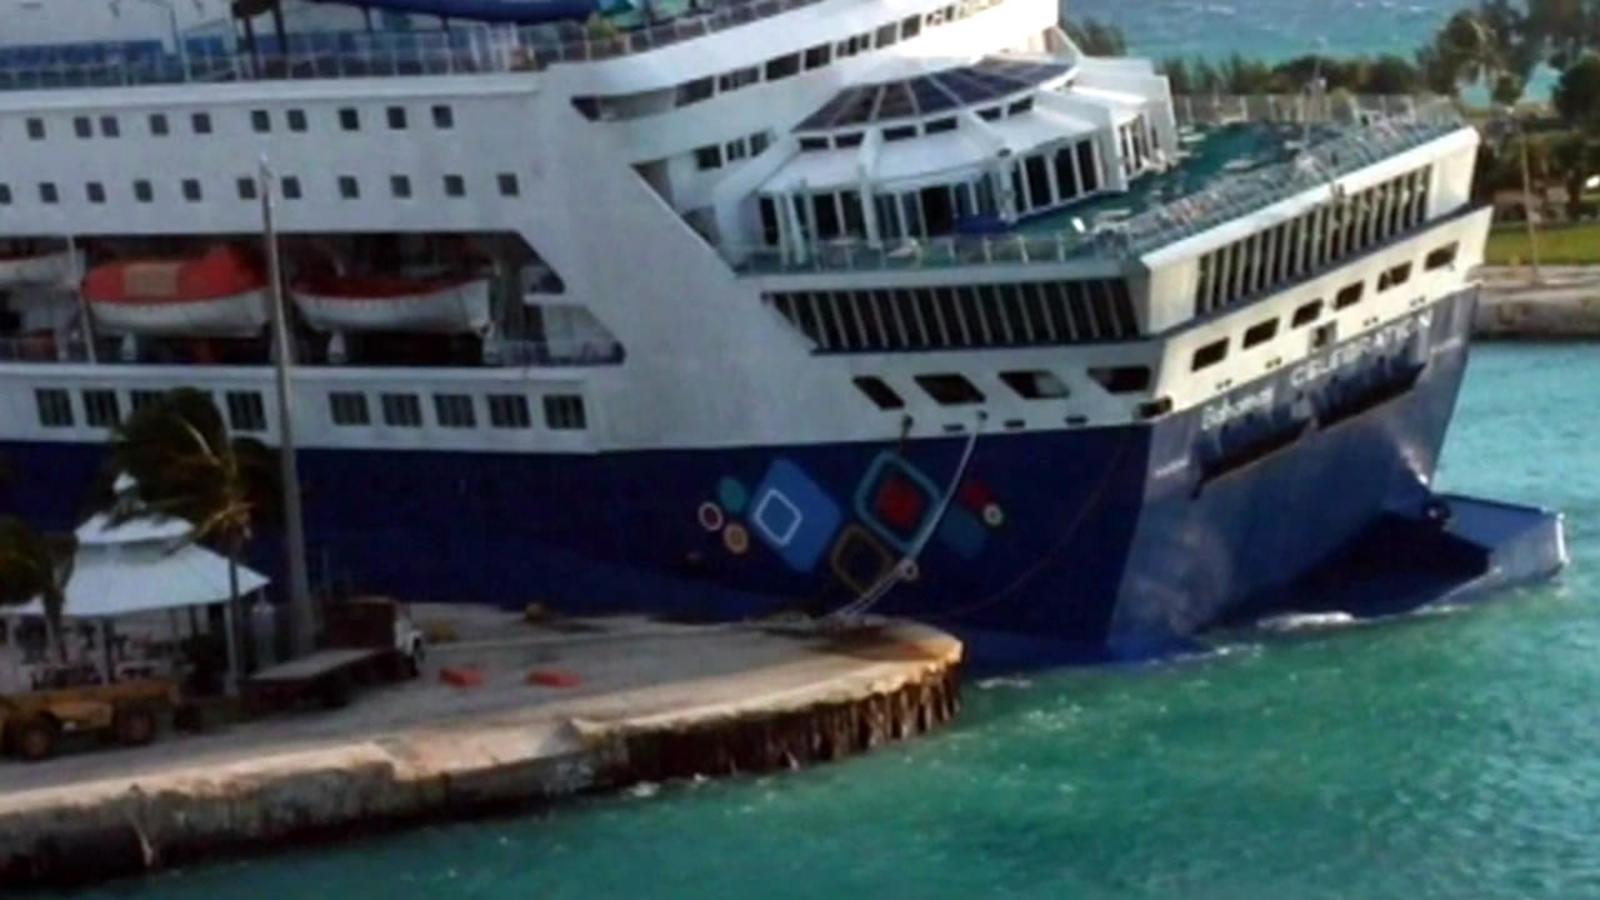 Passengers Describe Chaos After Cruise Ship Runs Aground Abc7 San Francisco